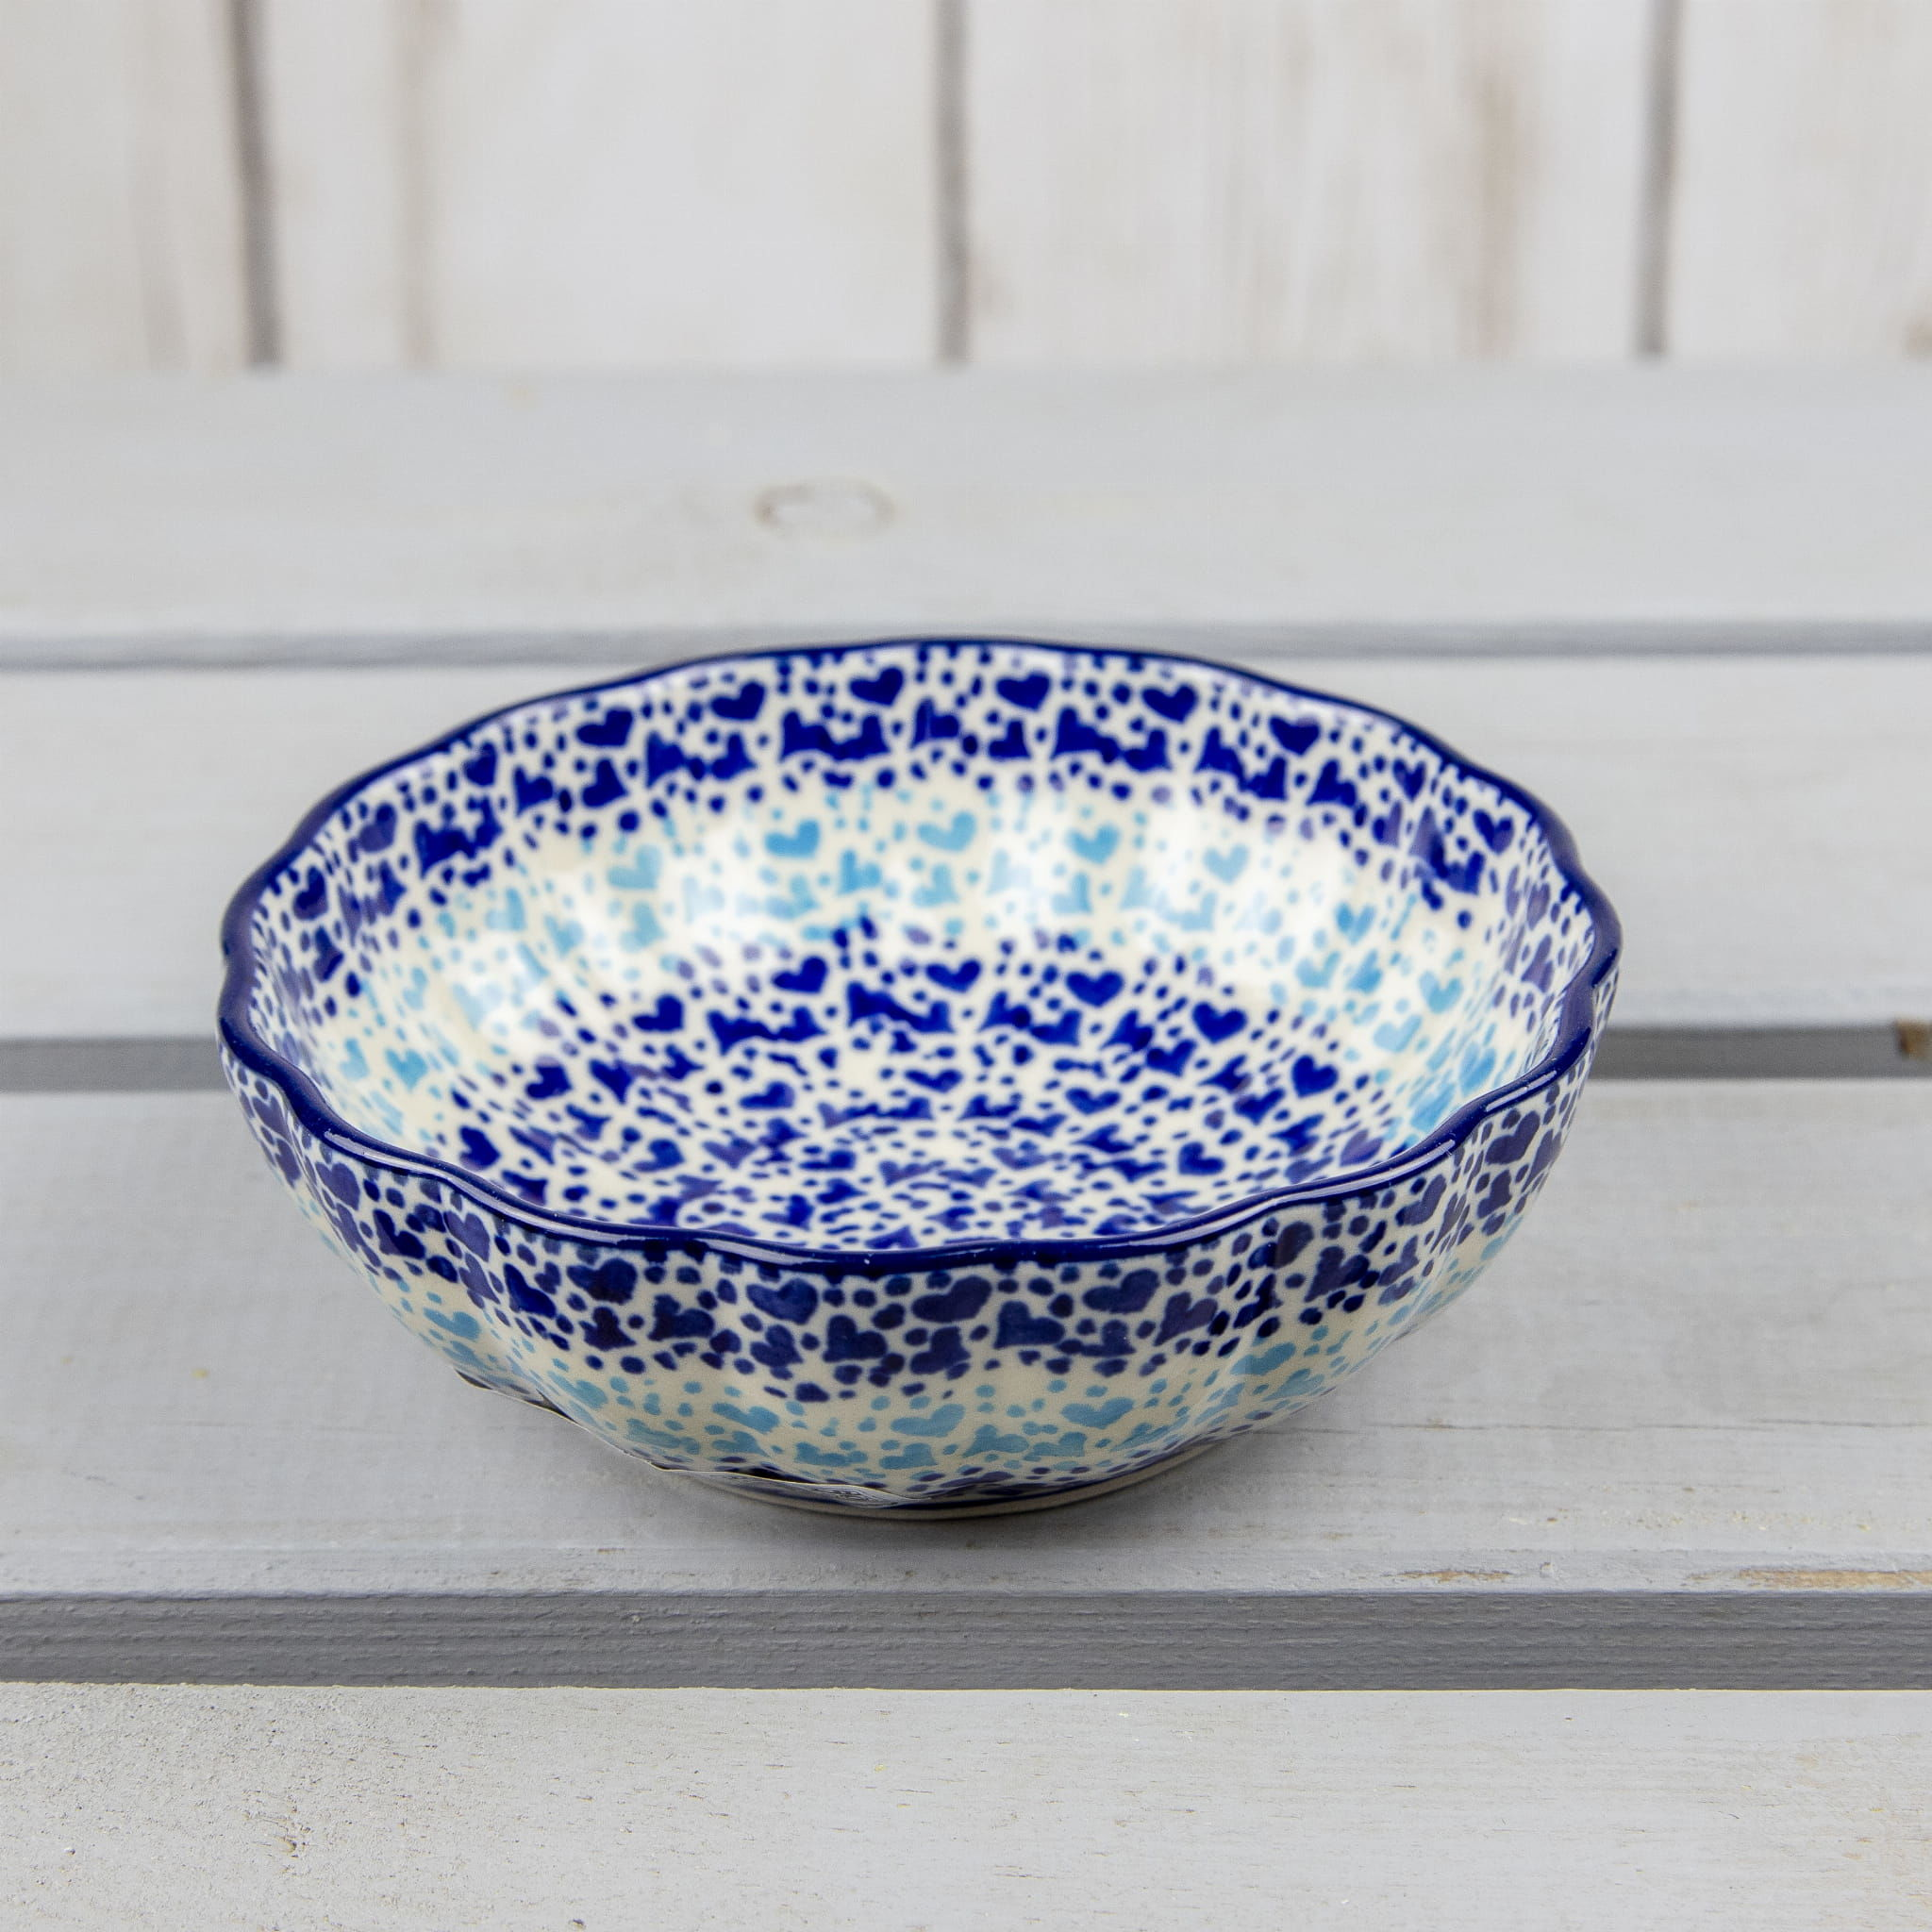 Miska fala ceramika Bolesławiec